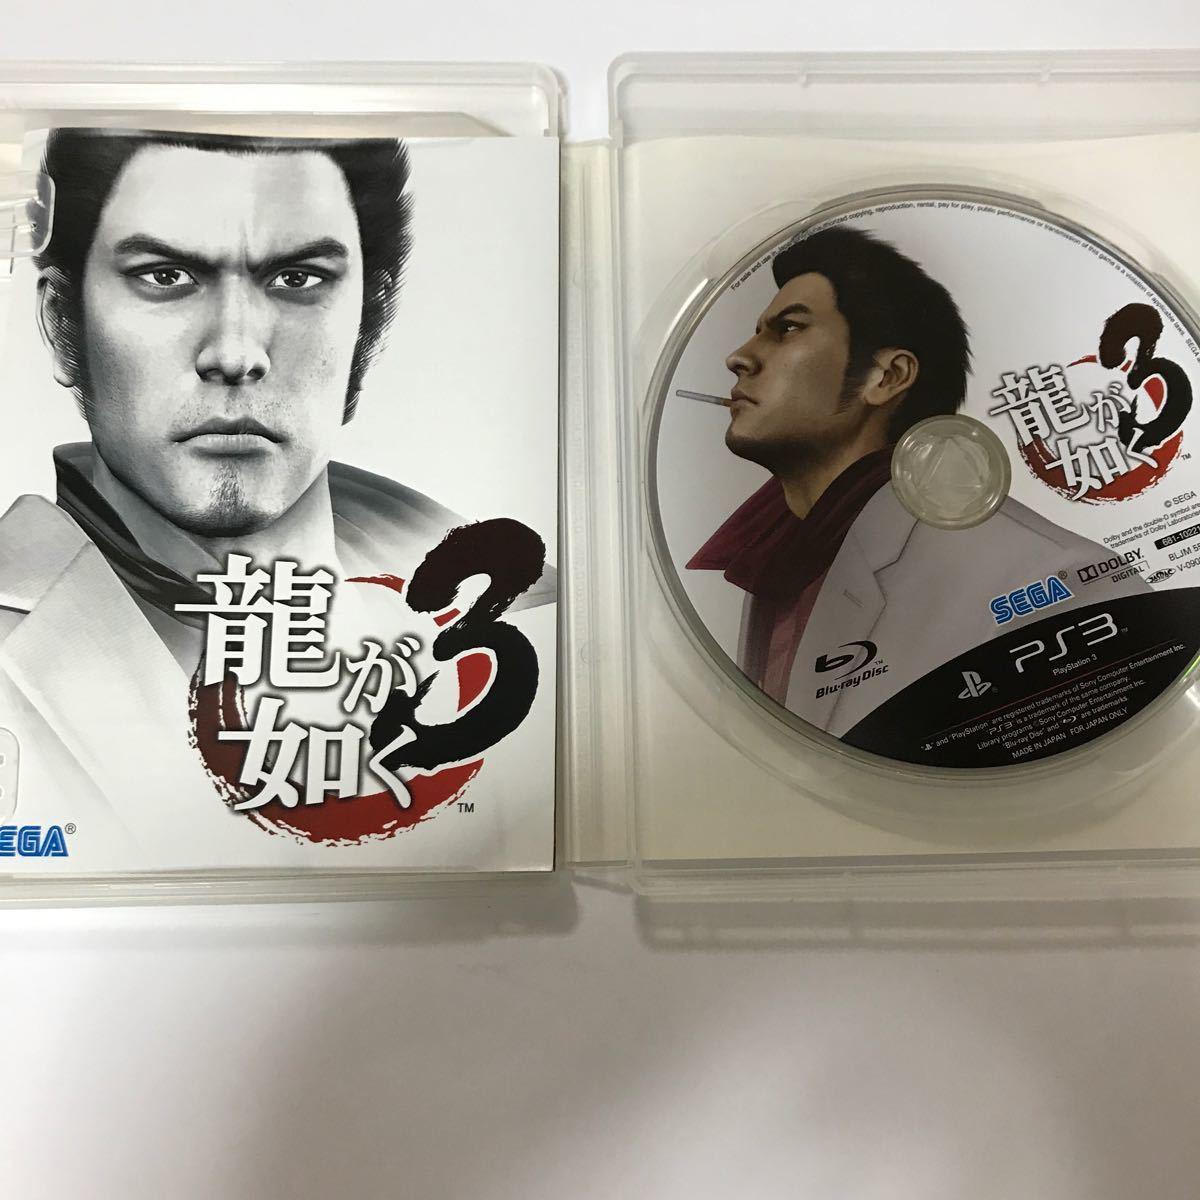 【PS3】 龍が如く3と龍が如く4 プレステーション3